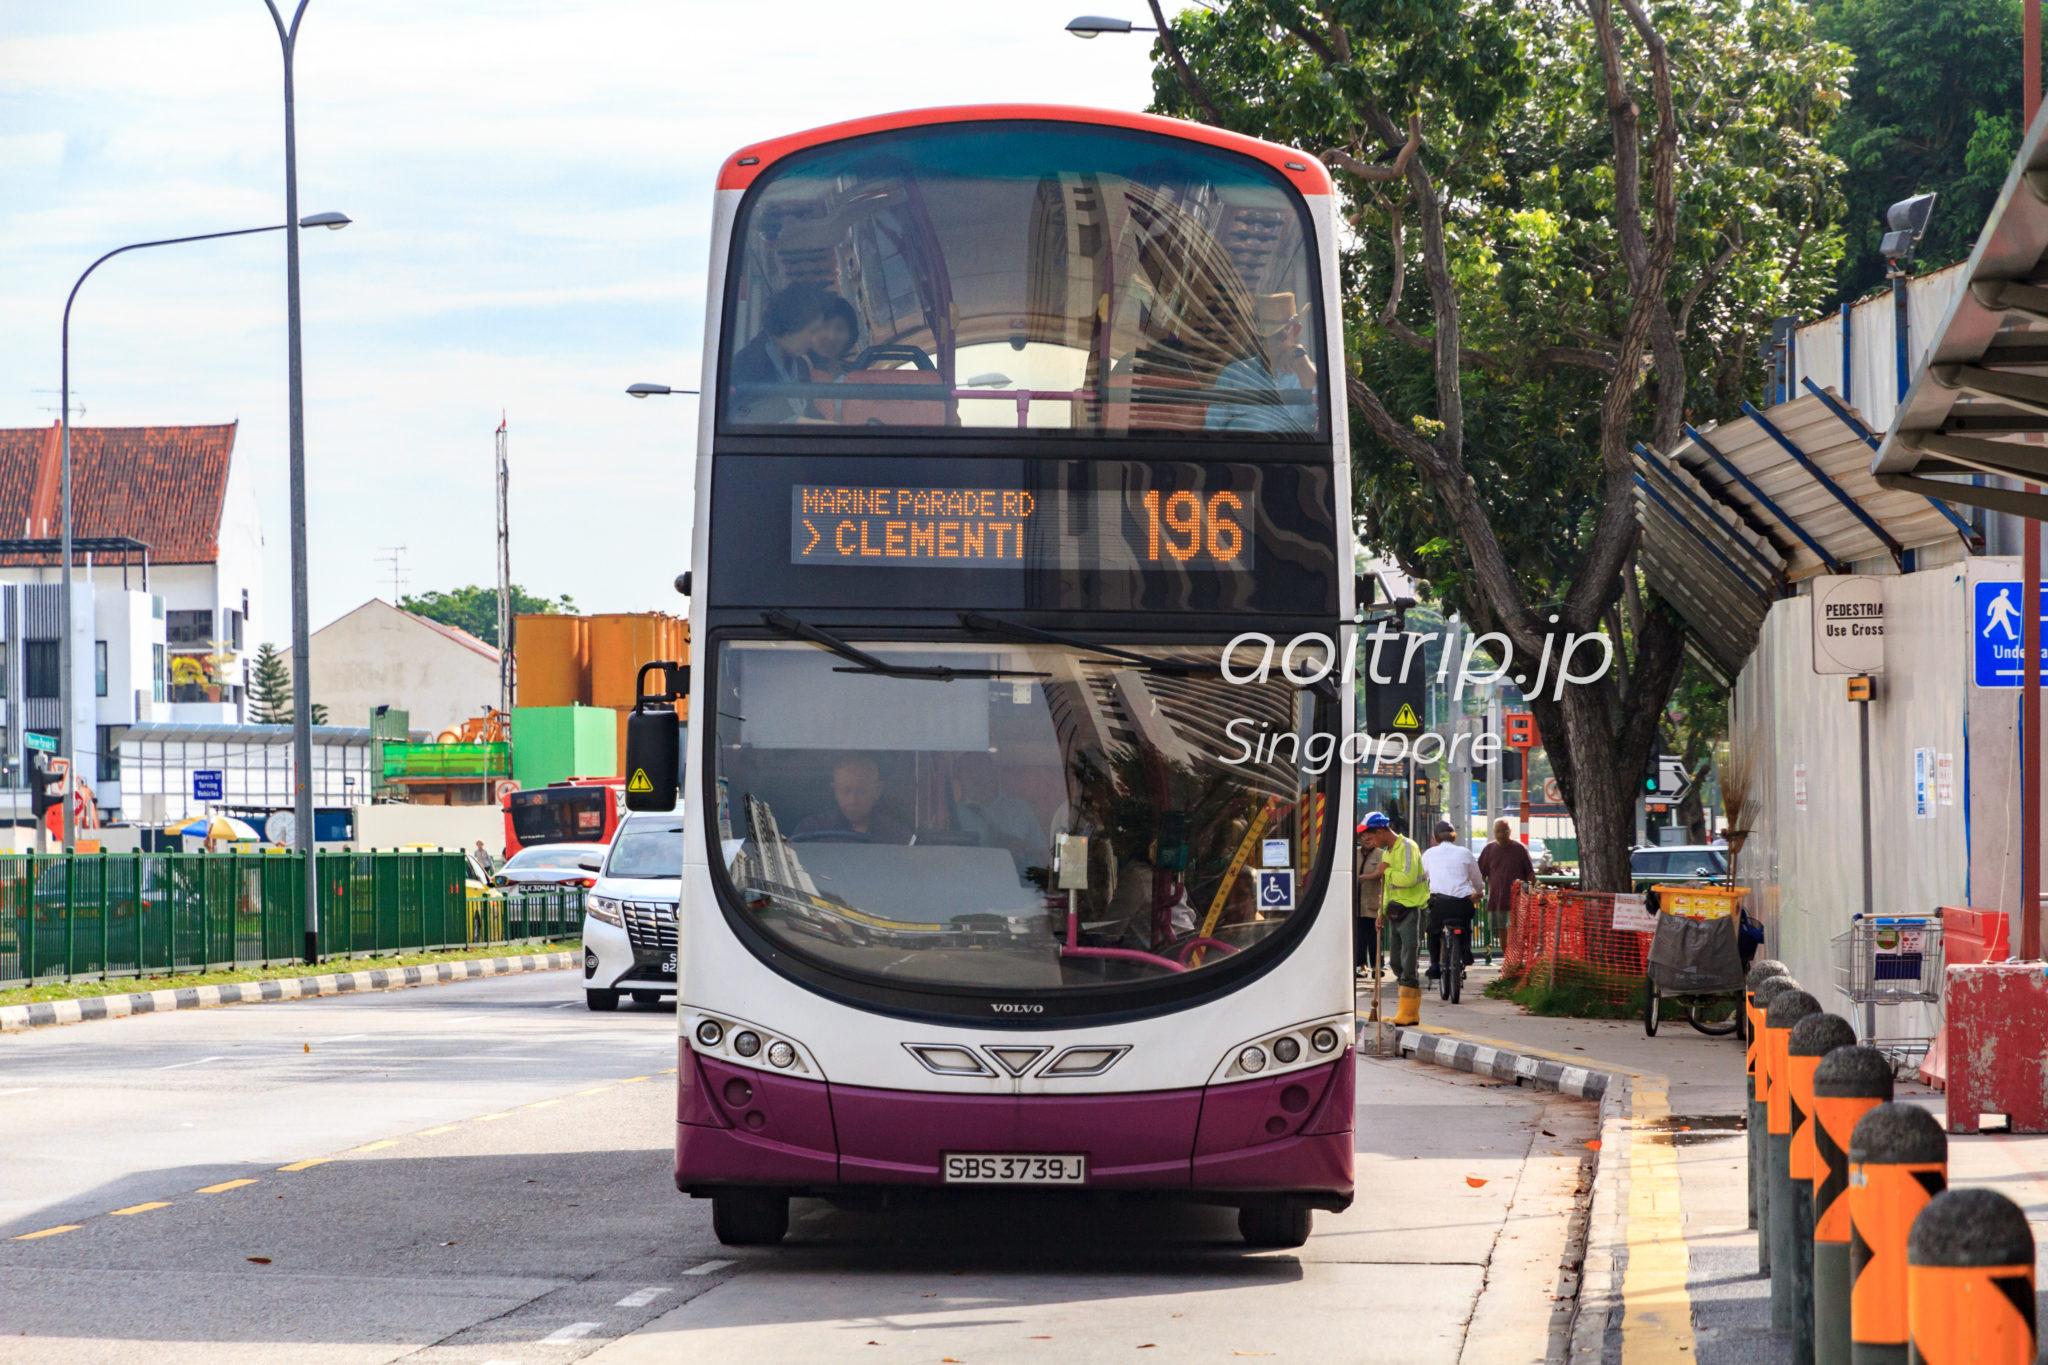 シンガポール 路線バス ダブルデッカー